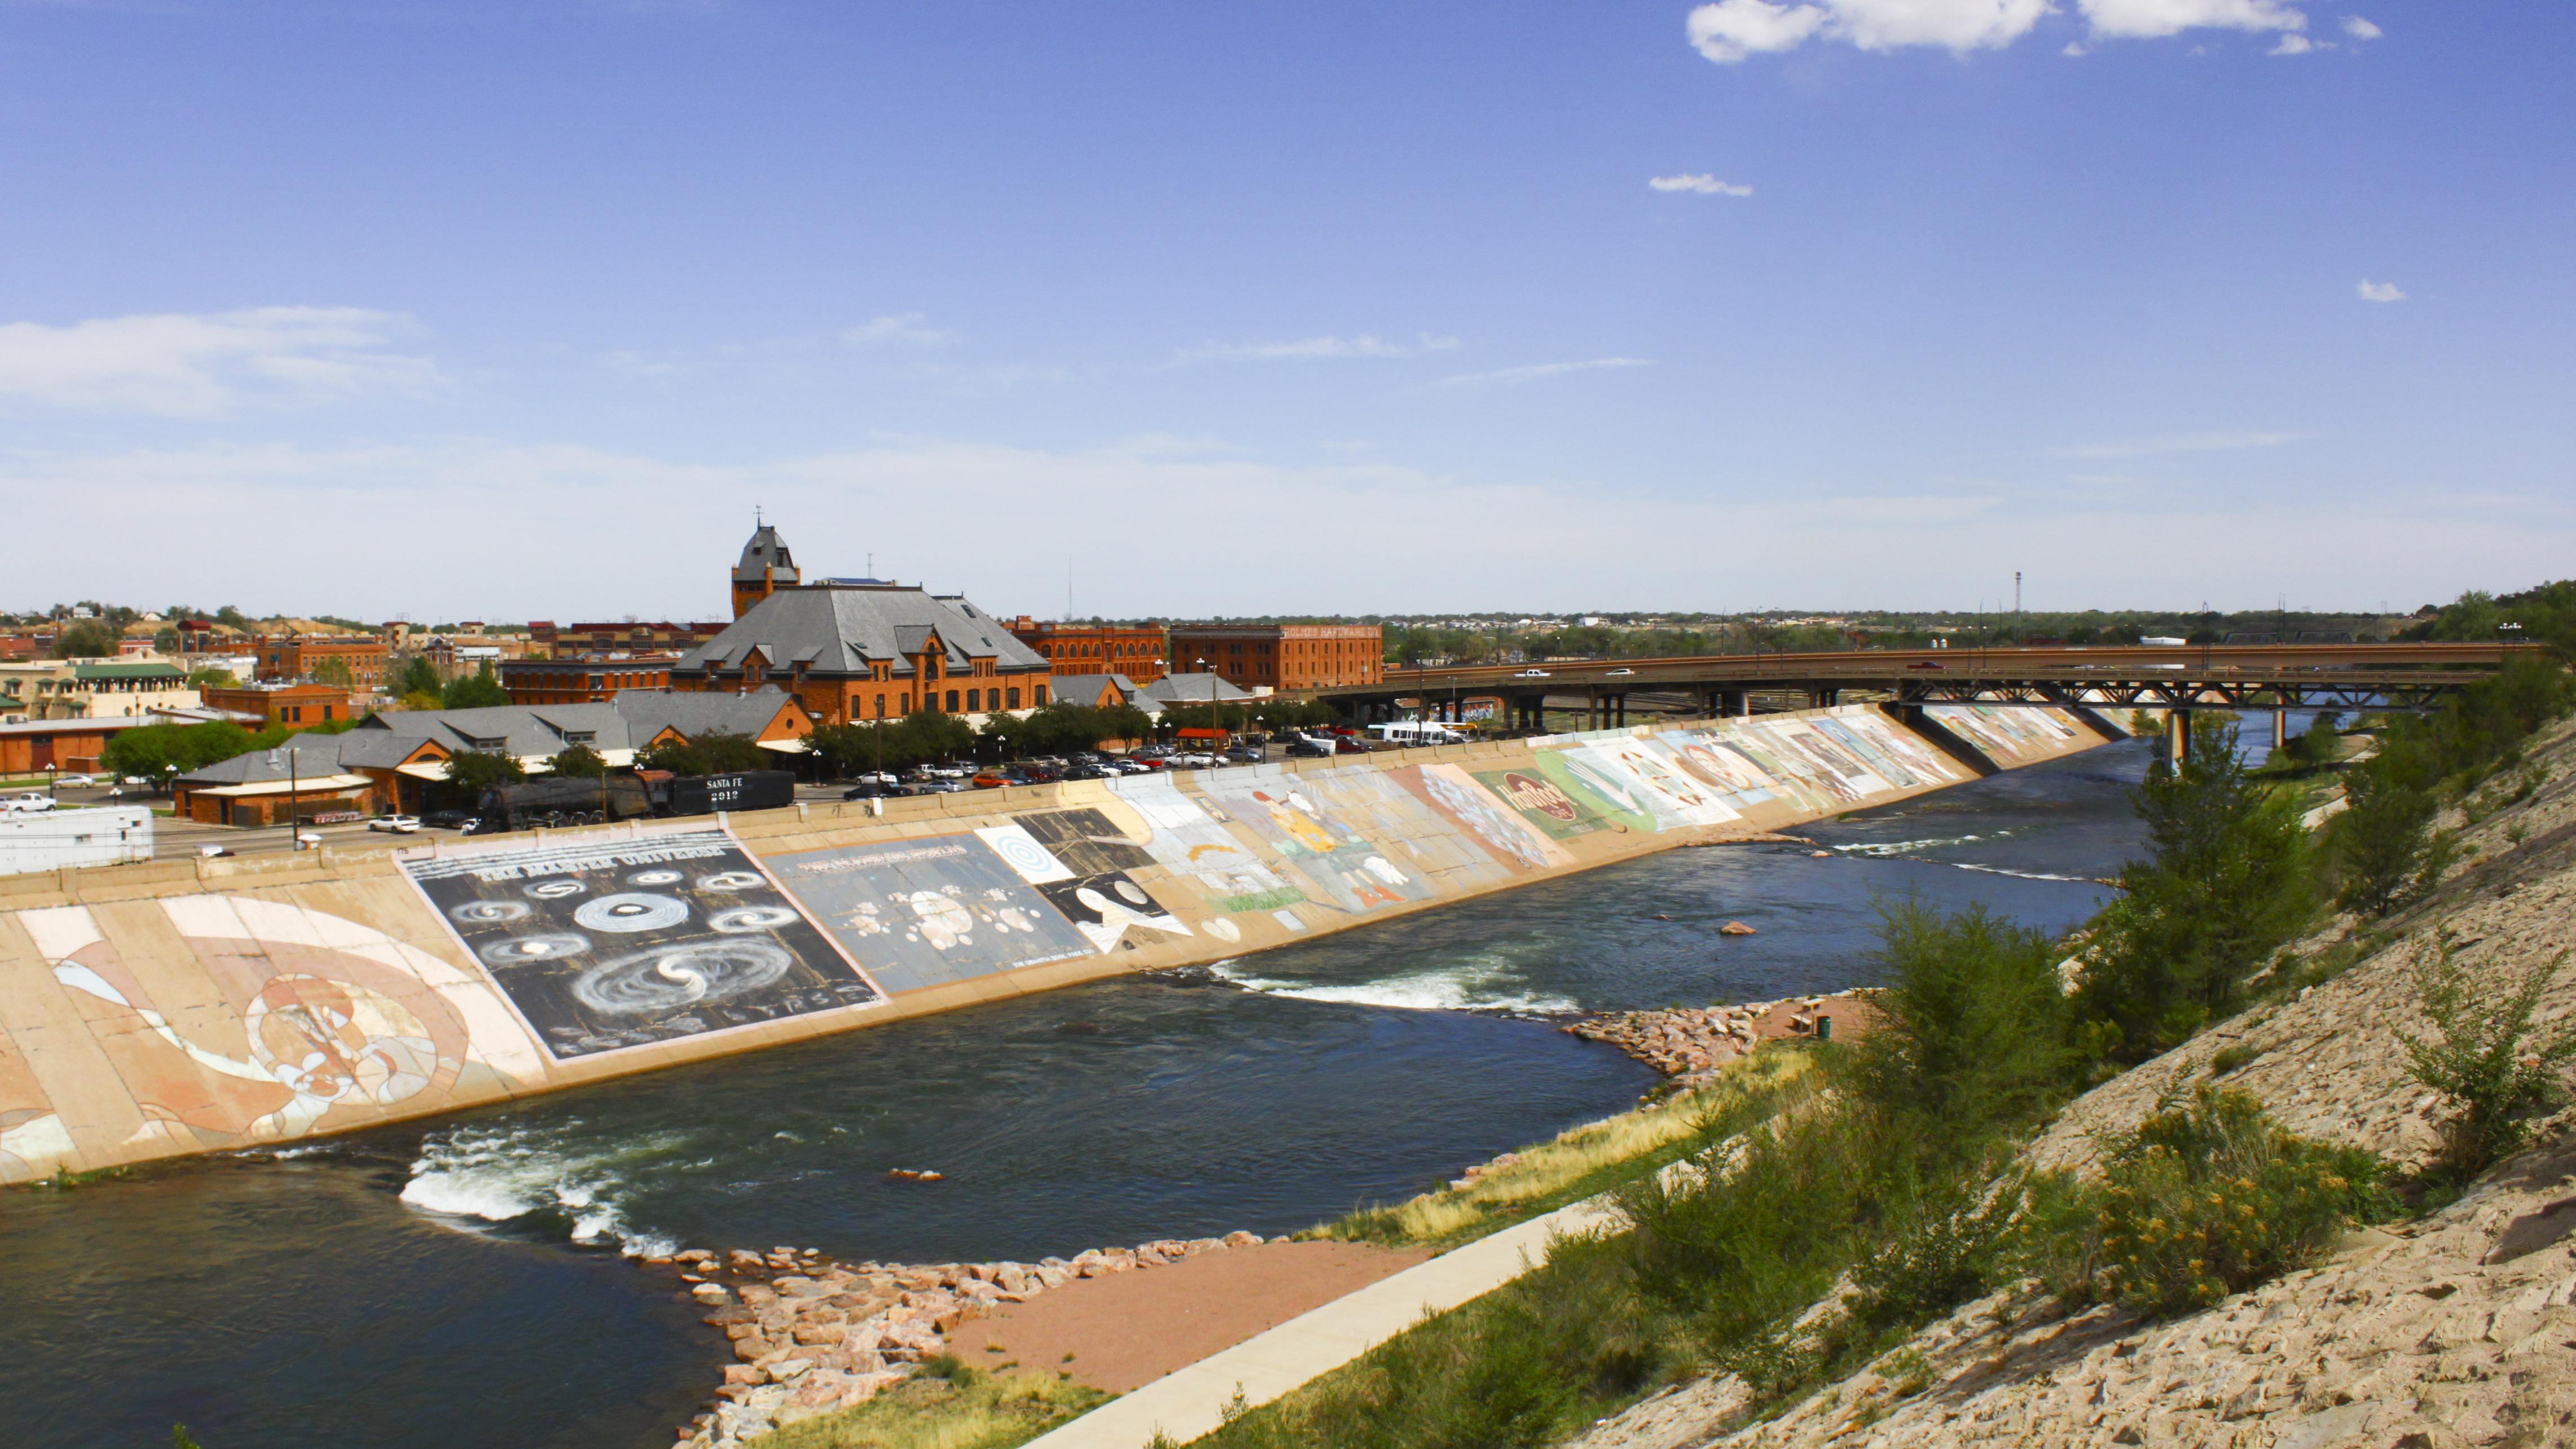 Photo: Pueblo levee mural